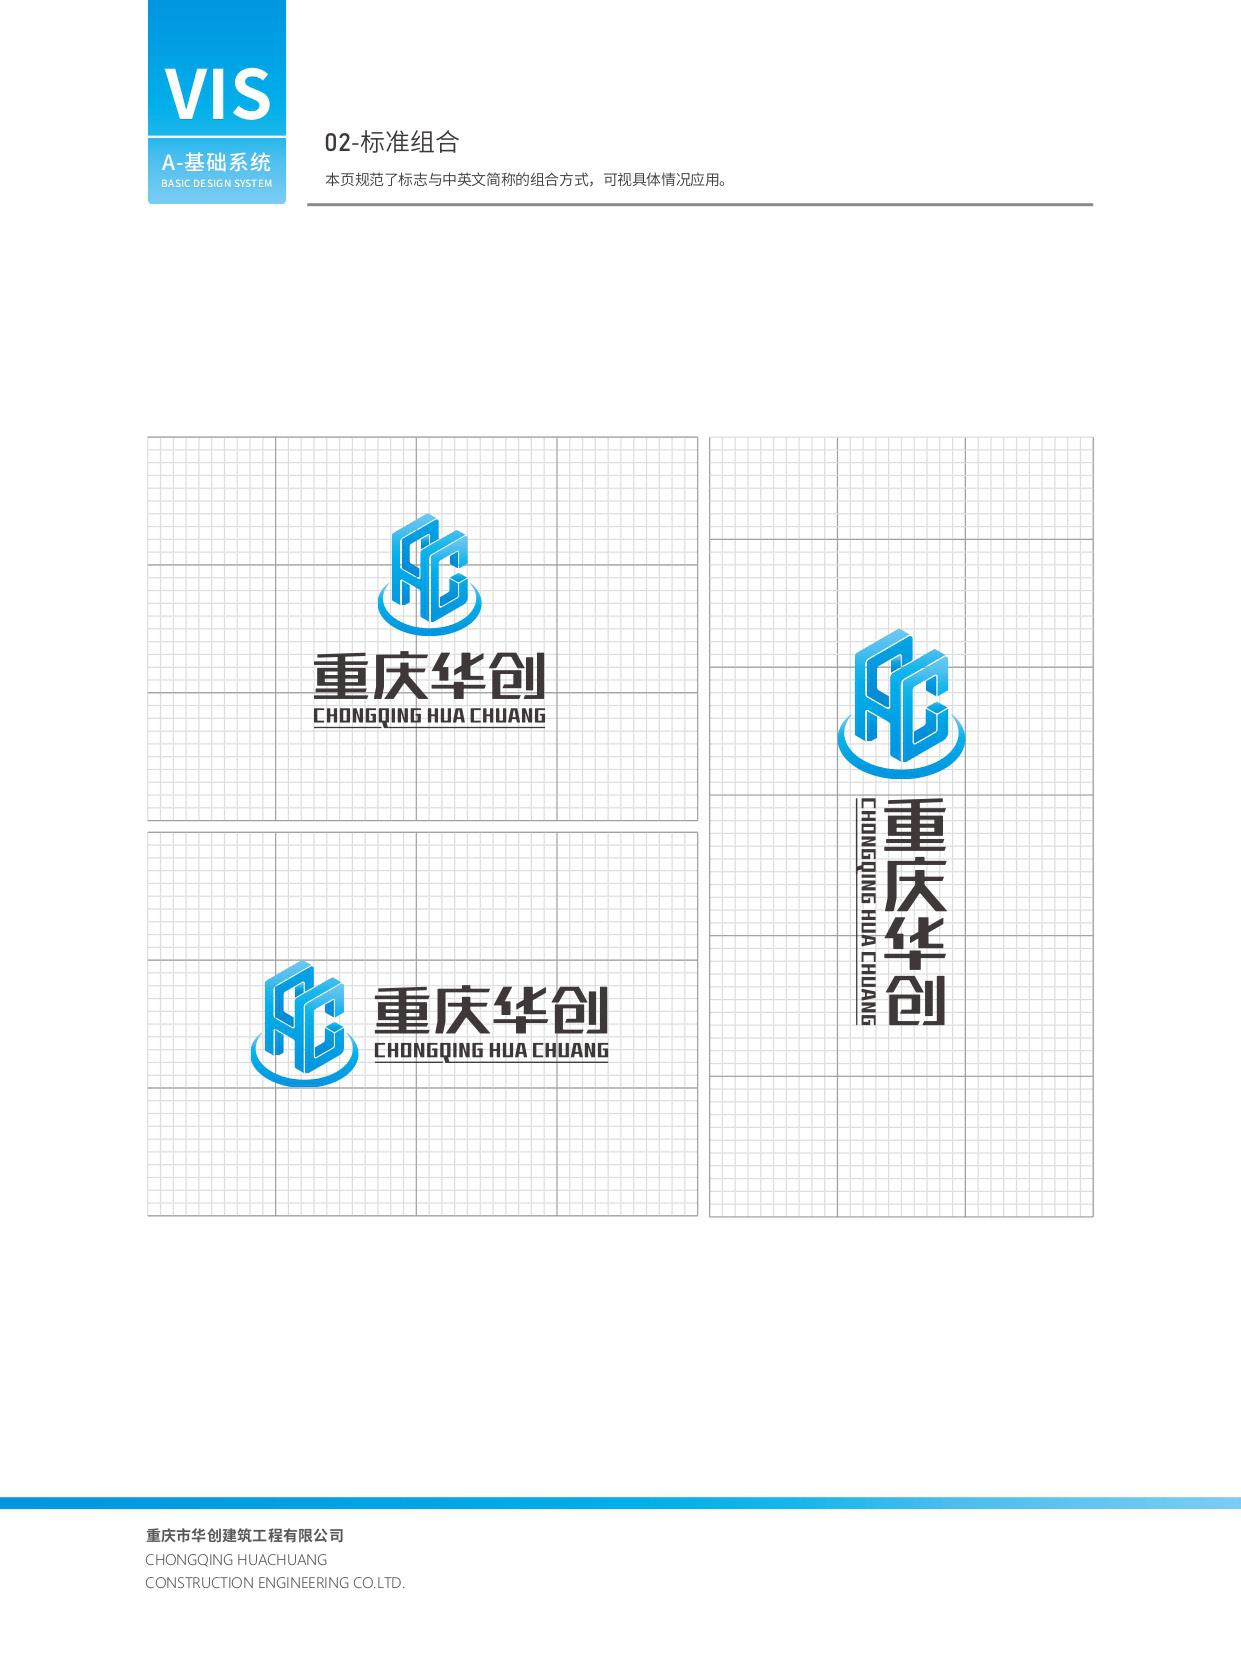 華創vi_頁面_05.jpg